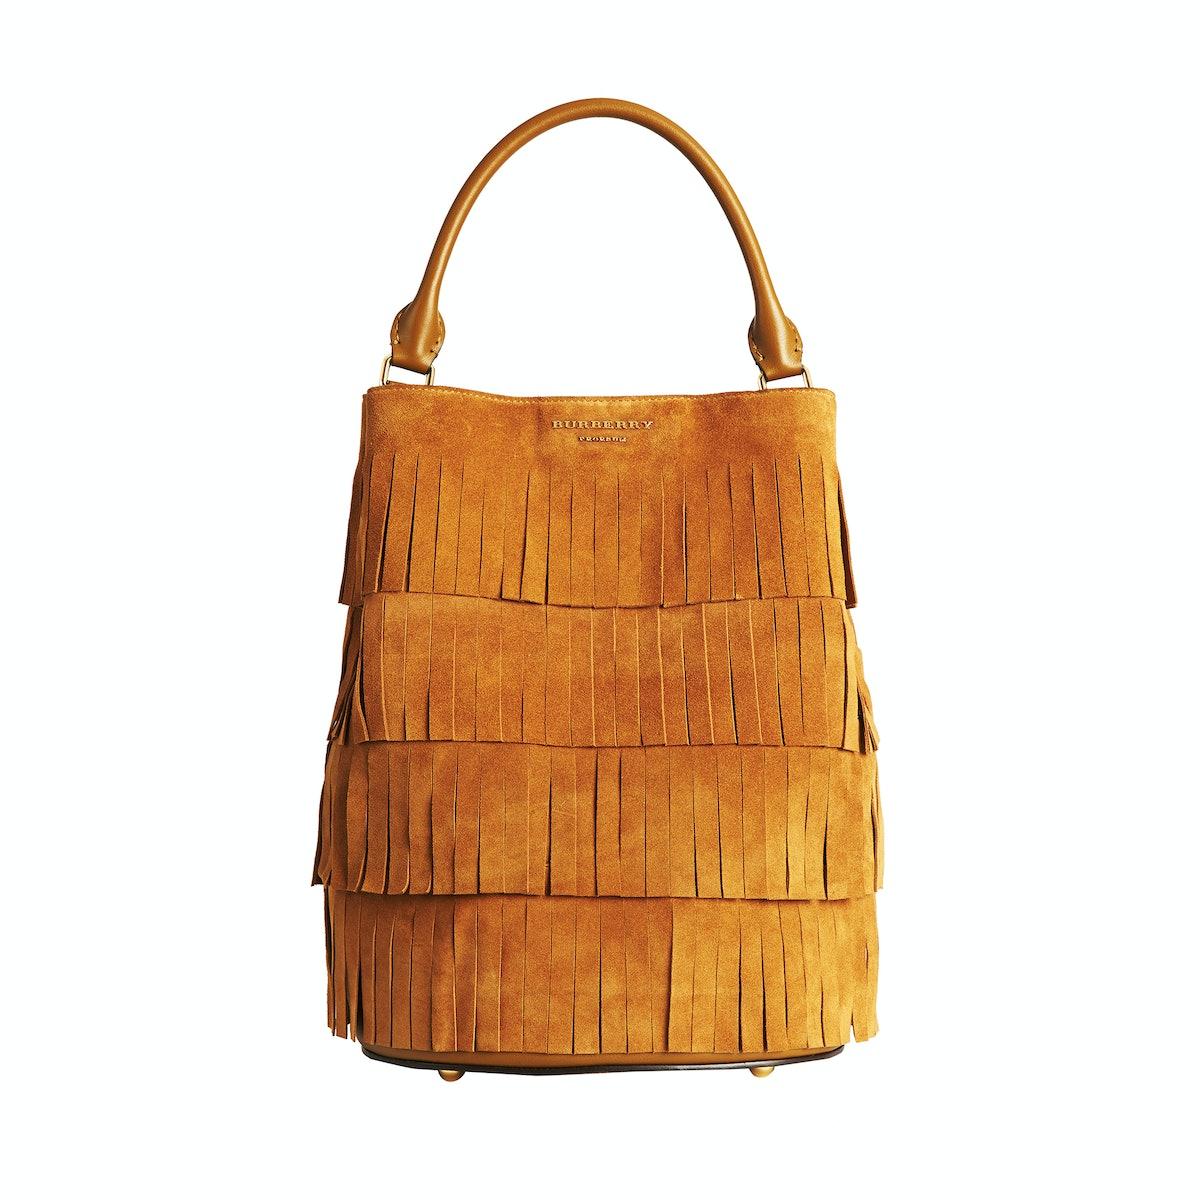 Burberry Bucket Bag in Tiered Suede Fringe